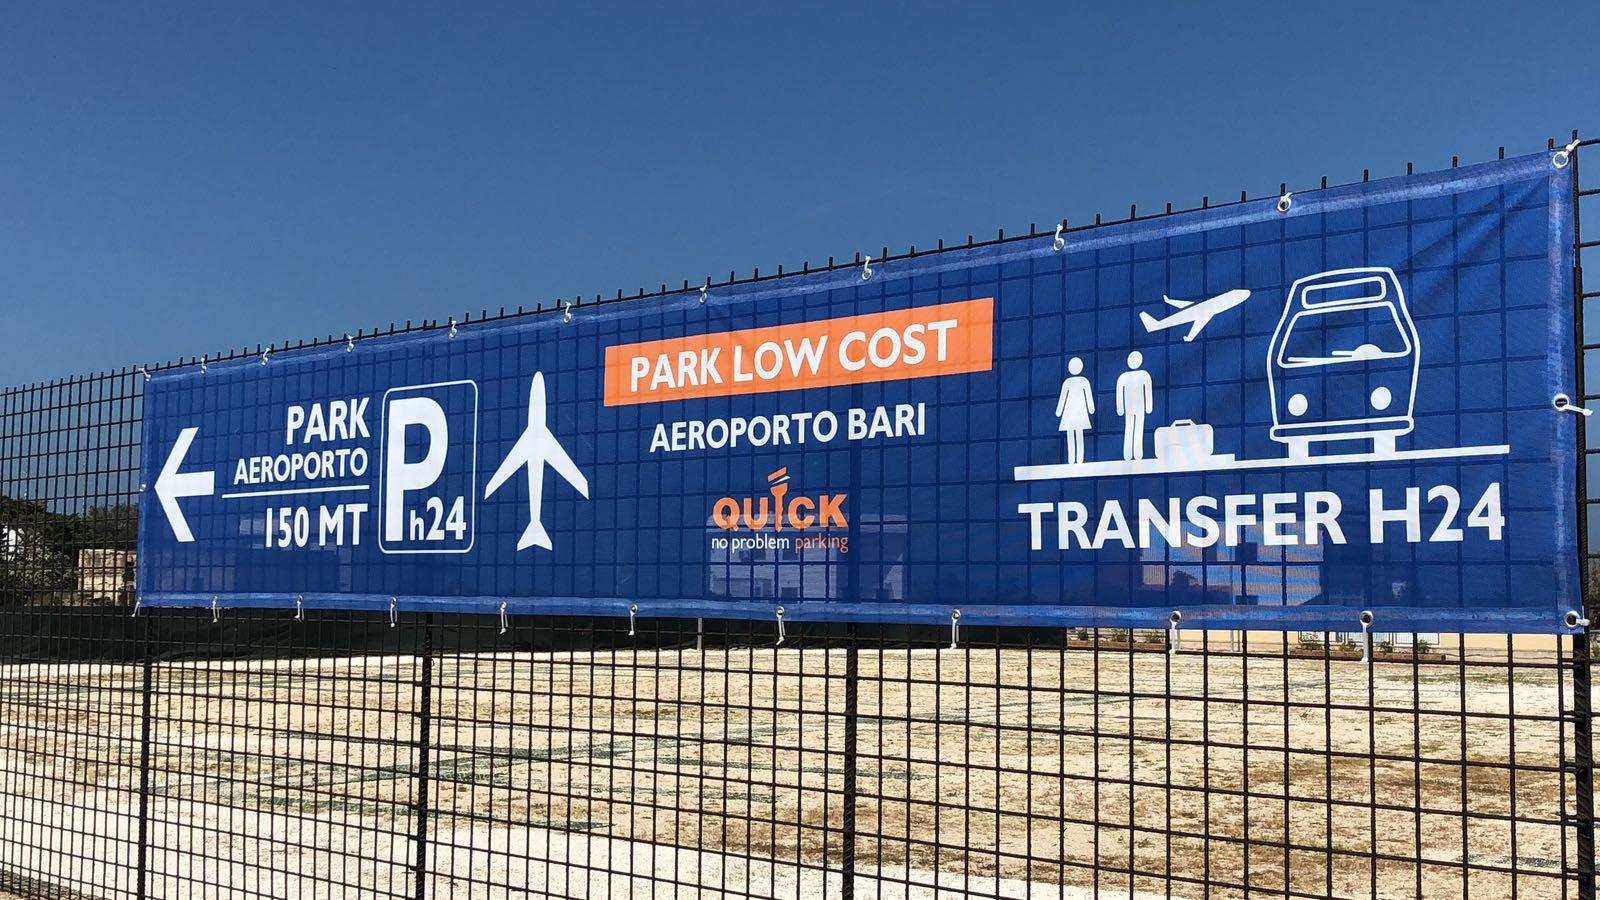 Quick Aeroporto Bari-  Low Cost